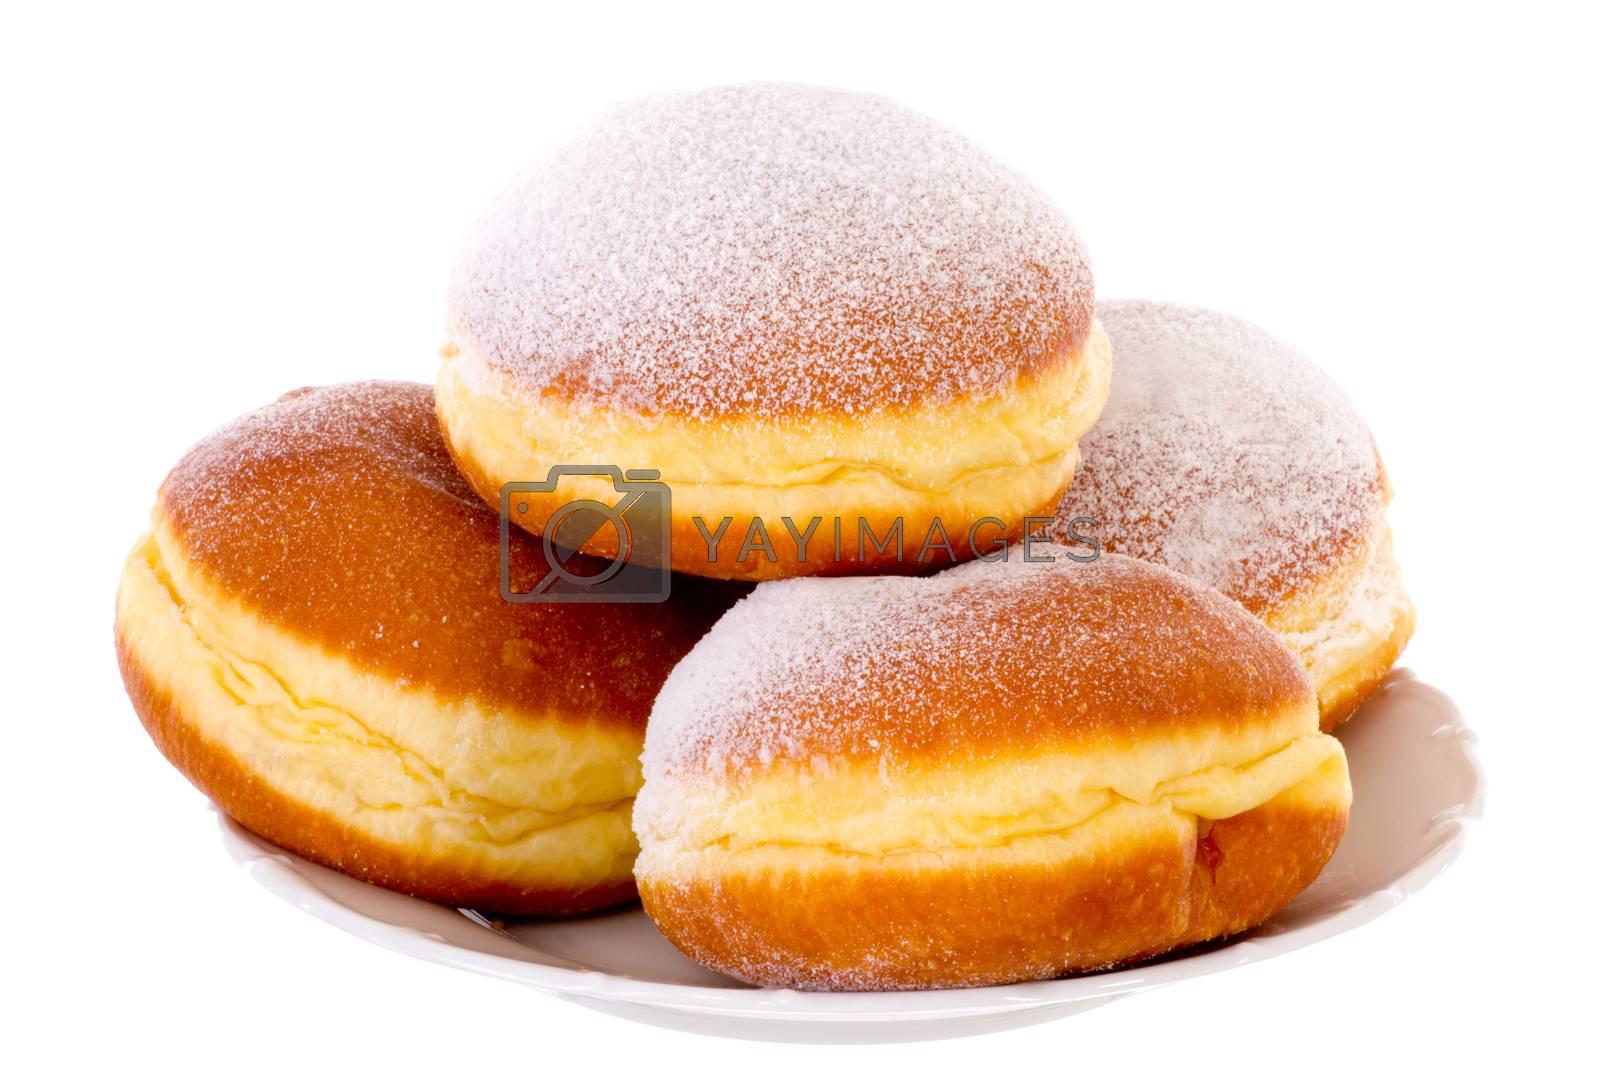 Royalty free image of Krapfen Berliner Pfannkuchen Bismarck Donuts by gwolters